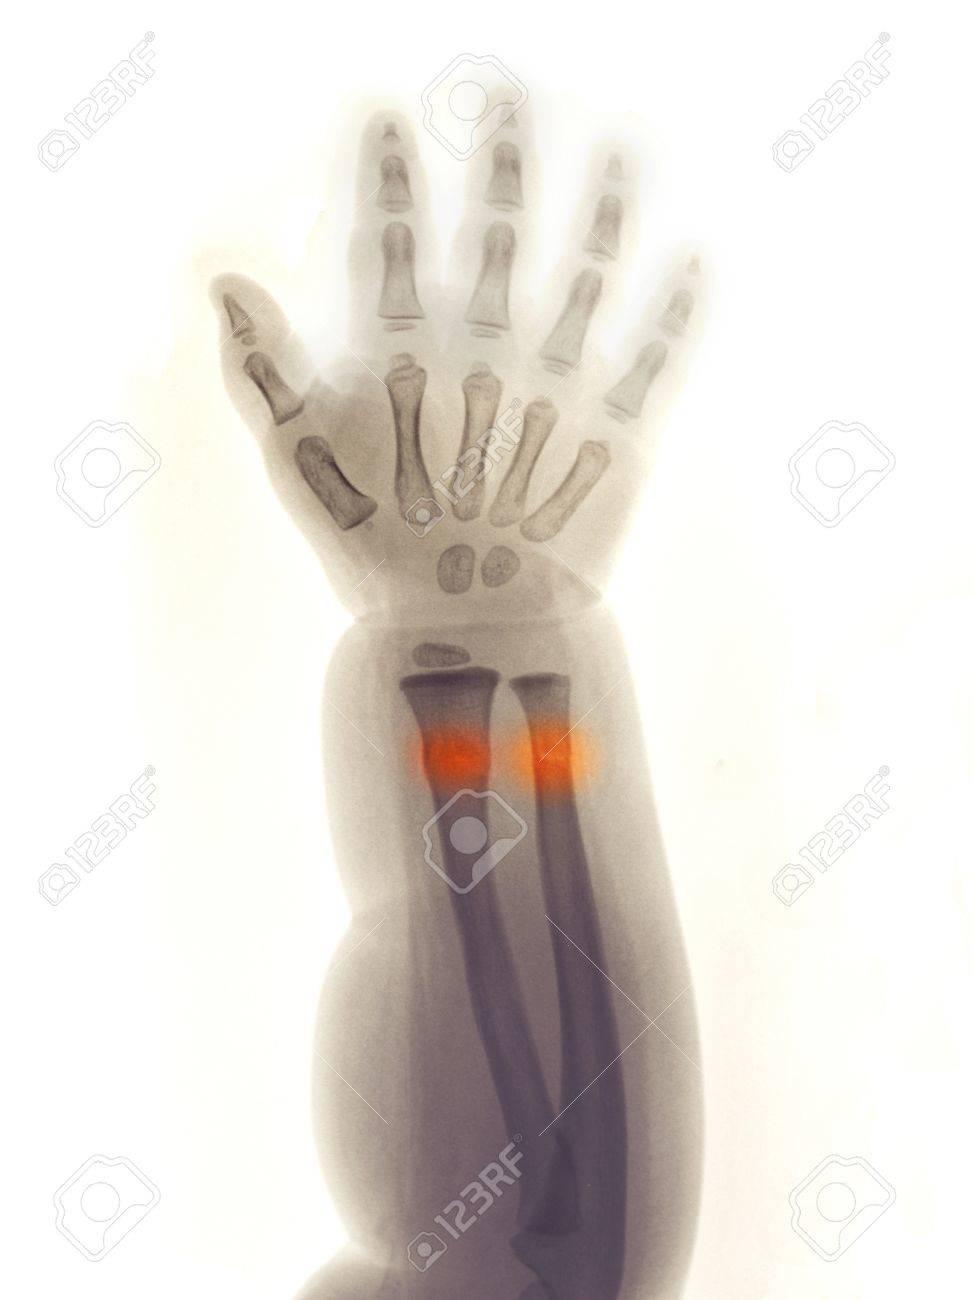 Unterarm Und Hand Röntgen Von Einem 2 Jahre Alten Mädchen, Fiel Und ...